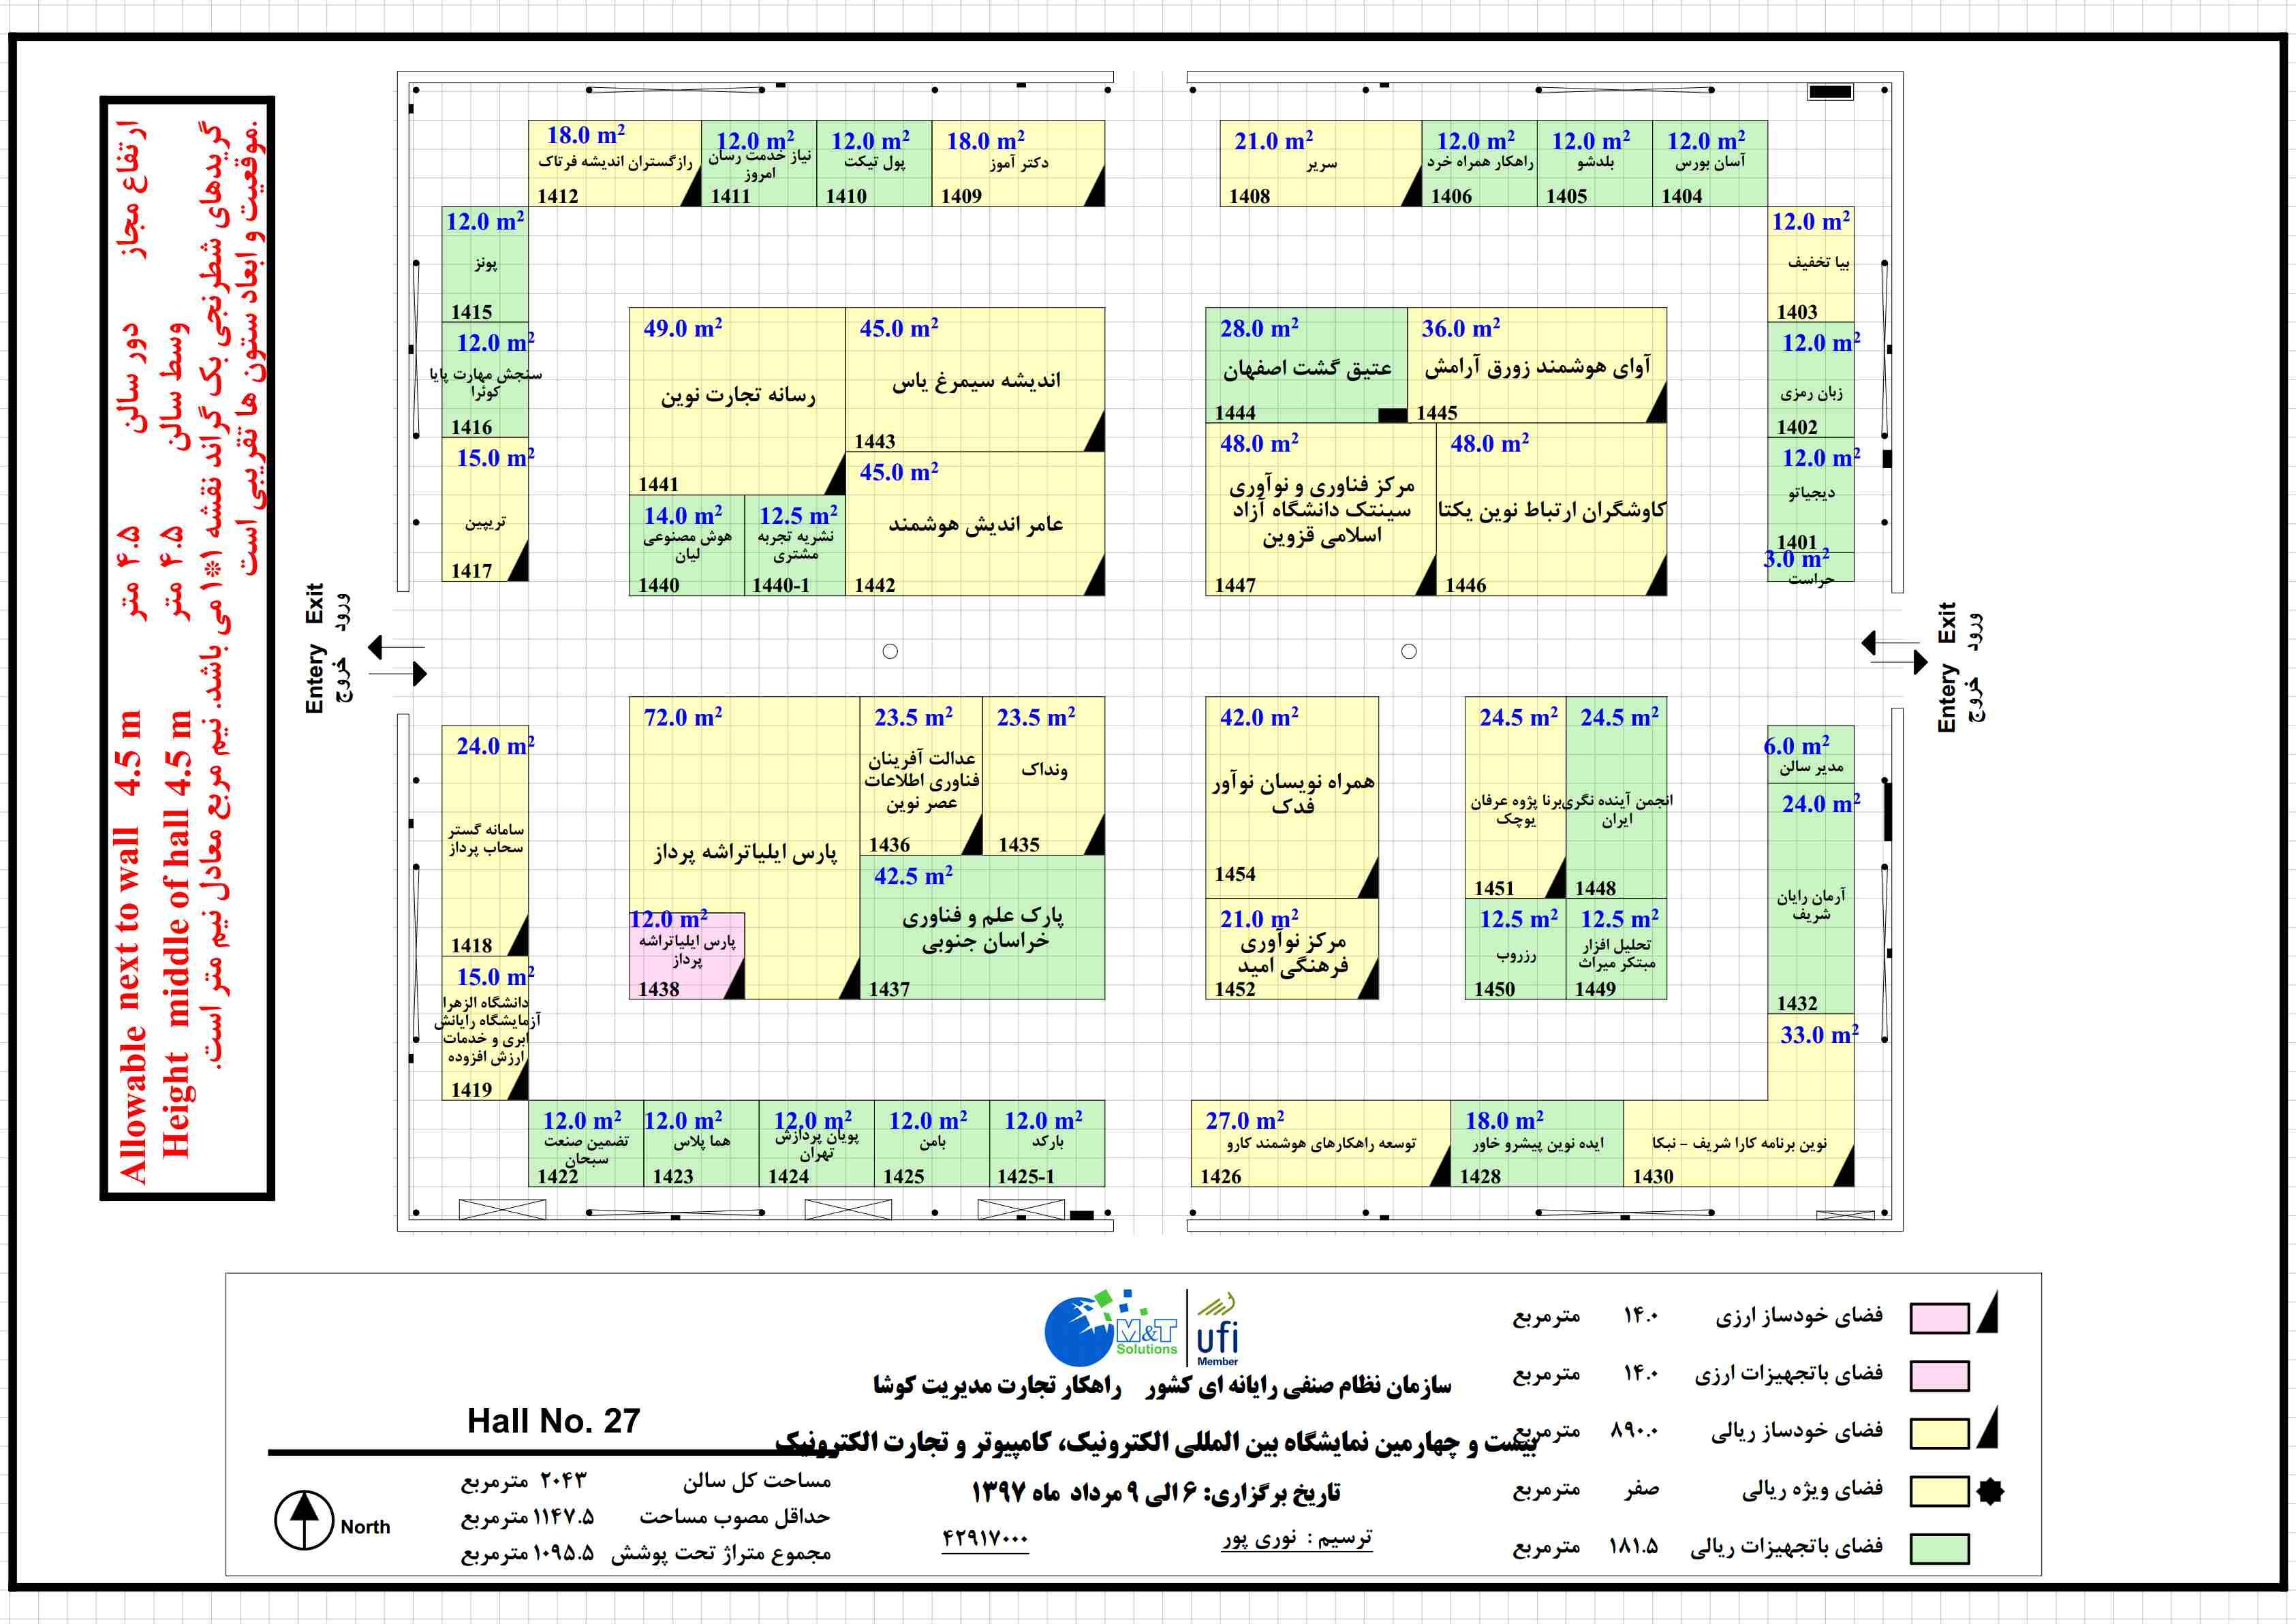 نقشه راهنمای نمایشگاه الکامپ تهران سالن 27